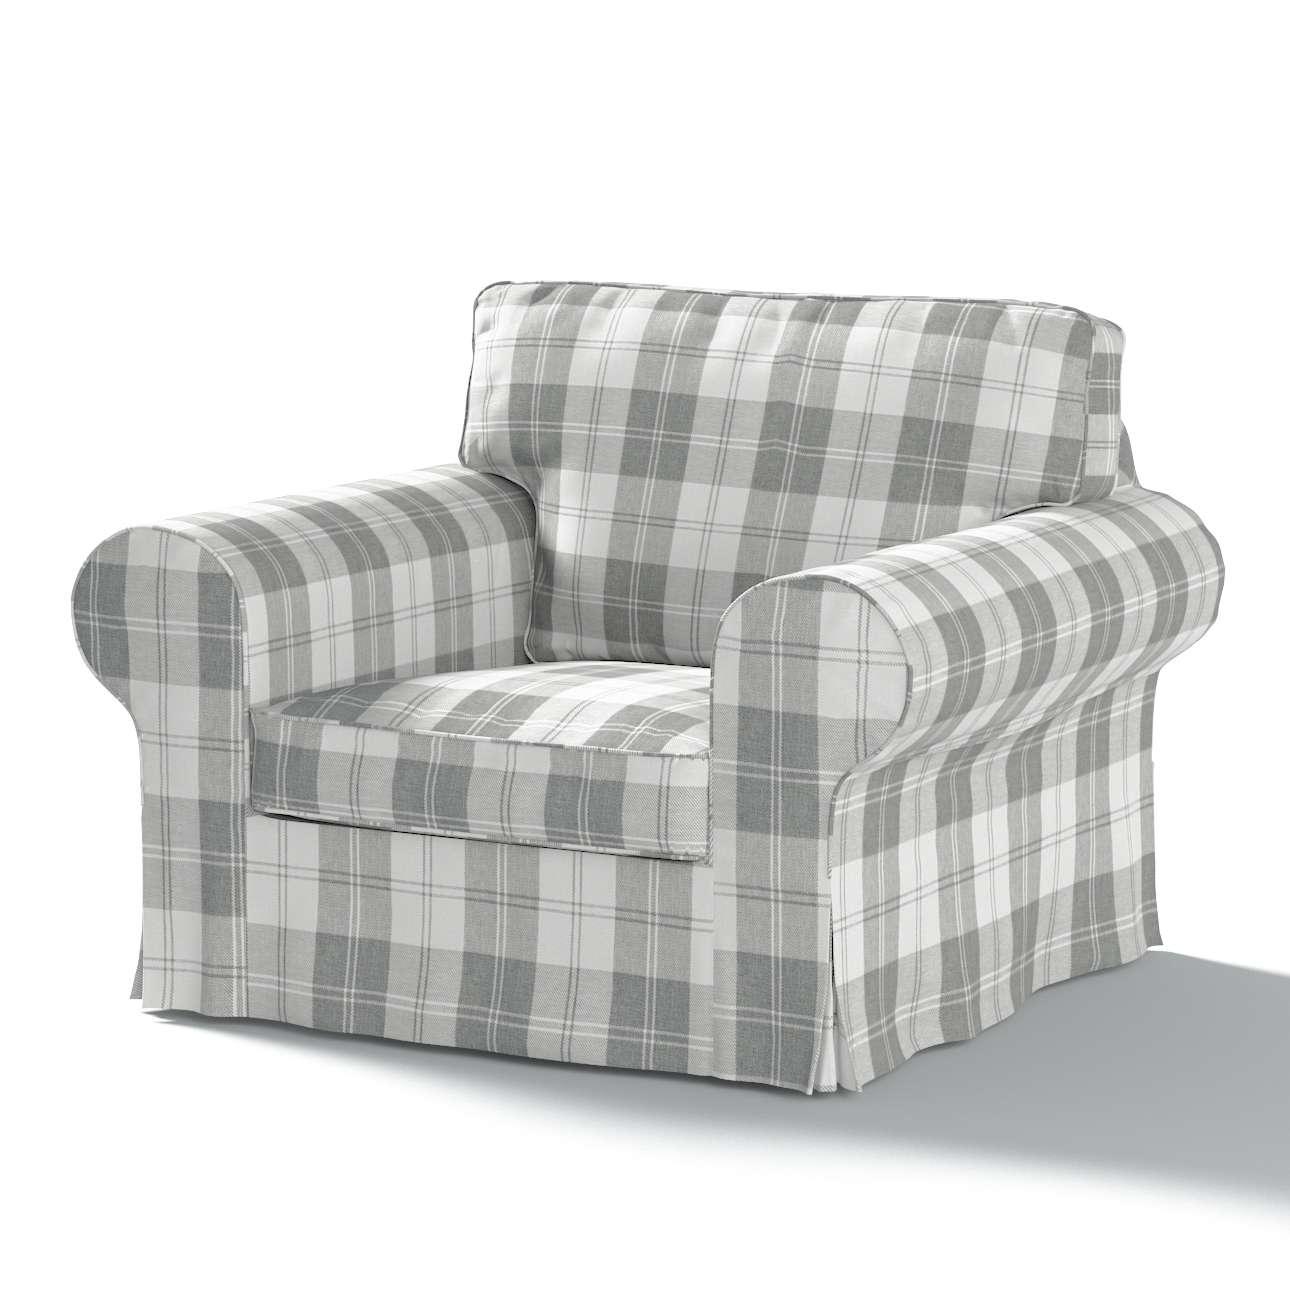 Ektorp Sesselbezug, weiß-grau , Sesselhusse, Ektorp Sessel, Edinburgh